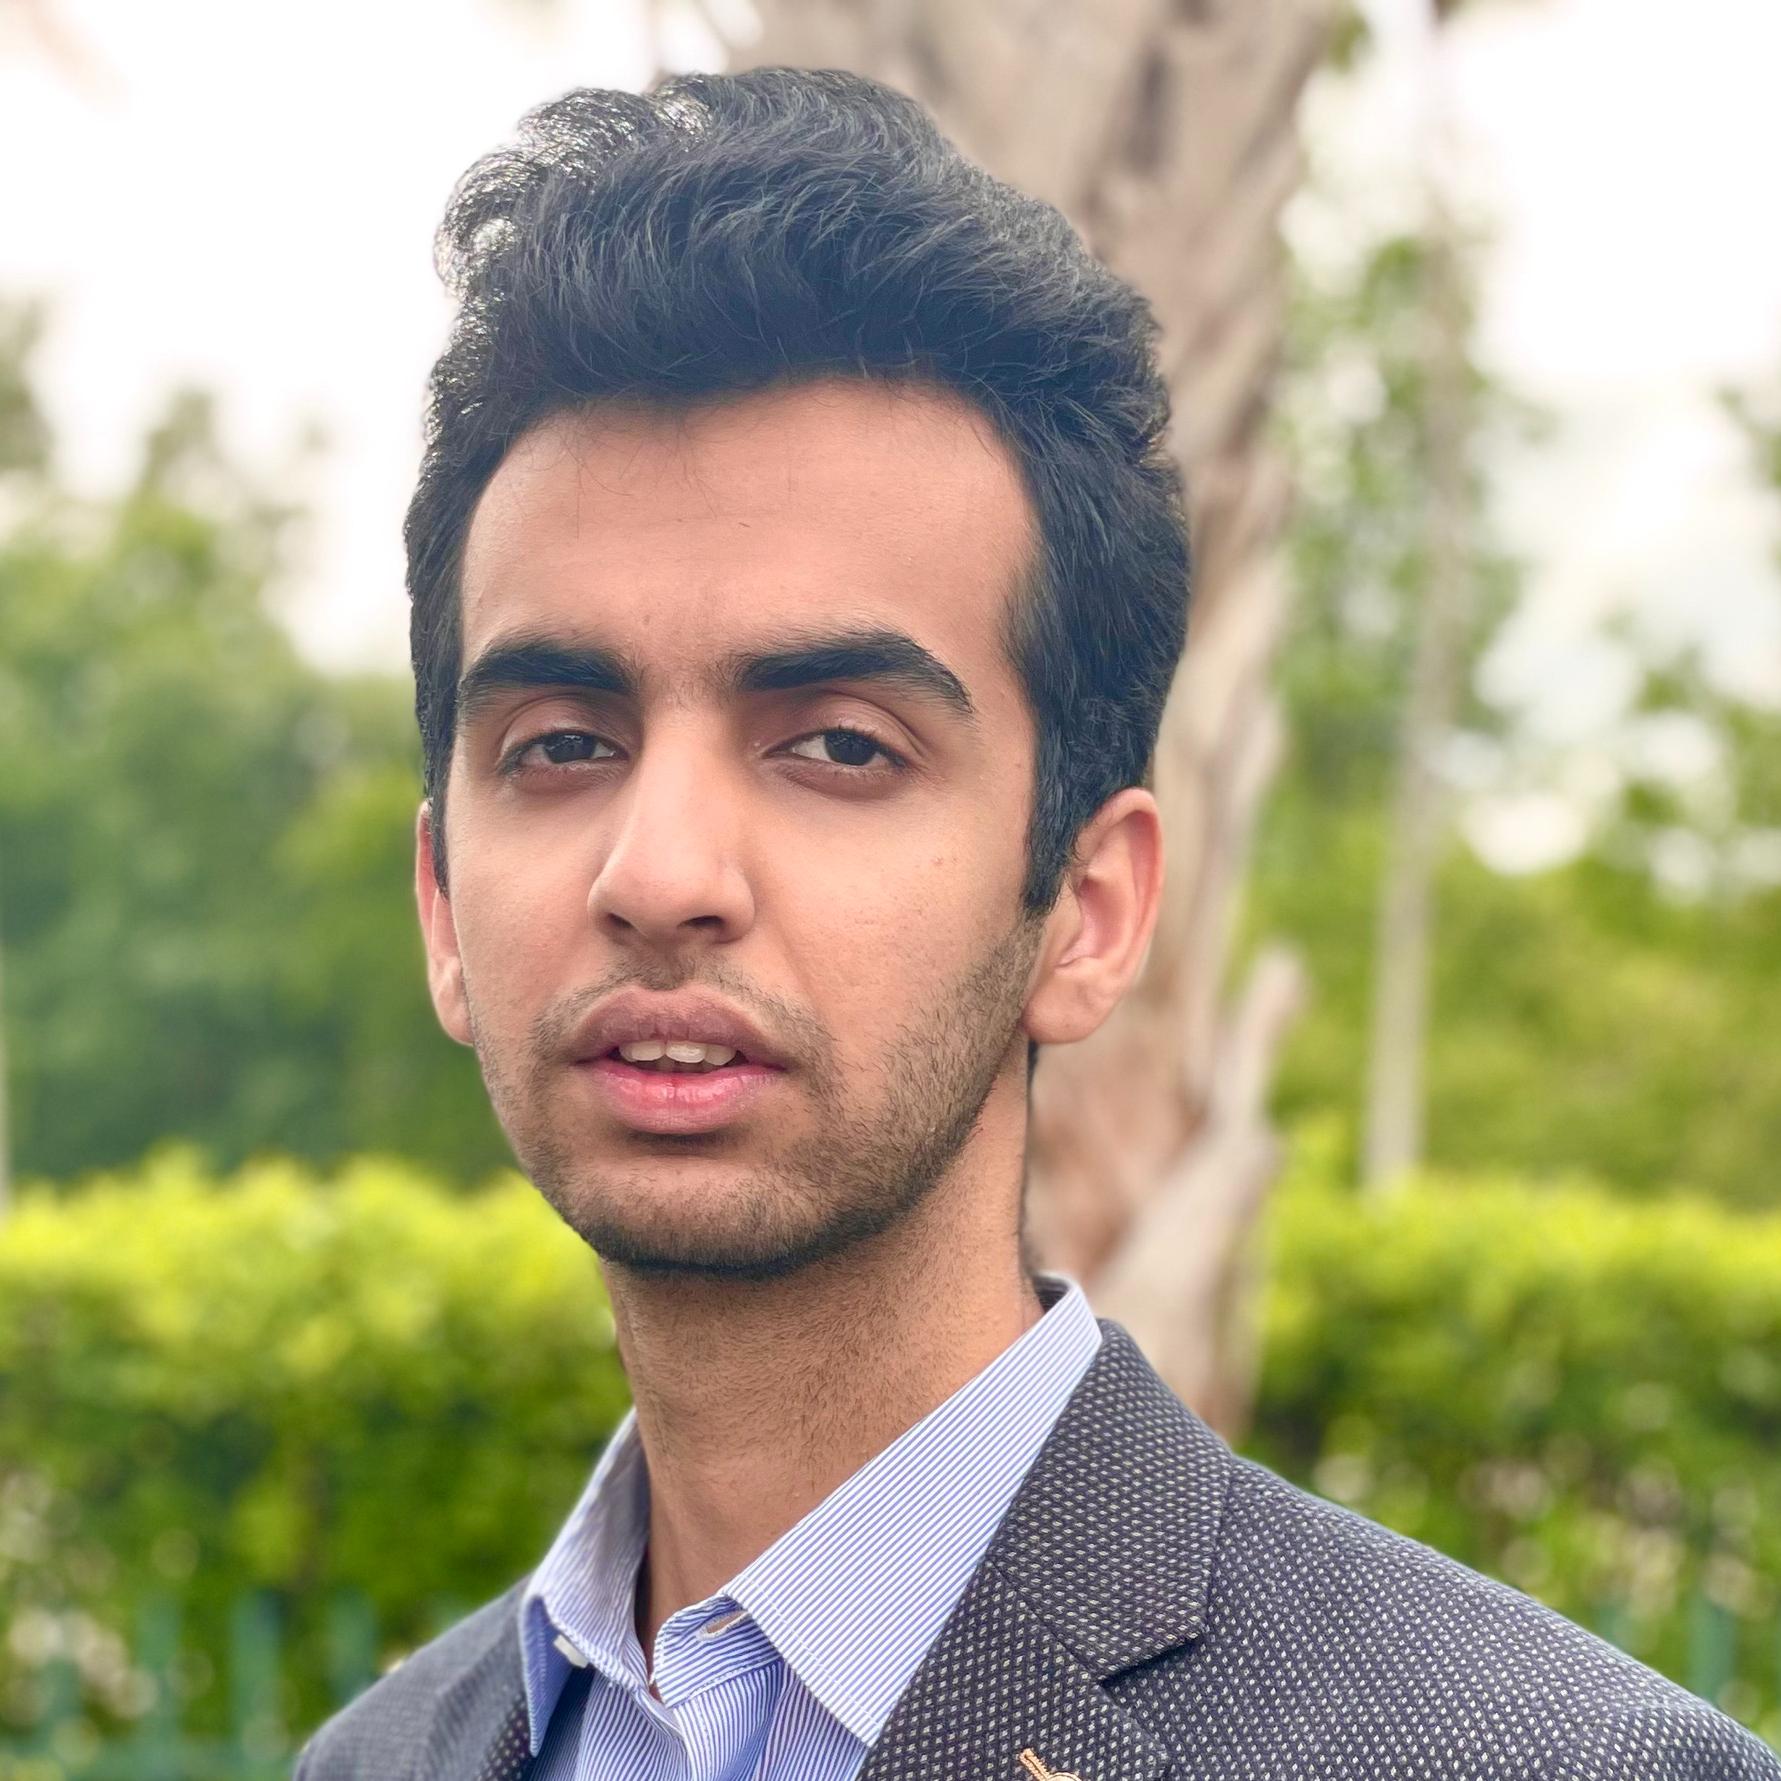 Khubaib Farooq